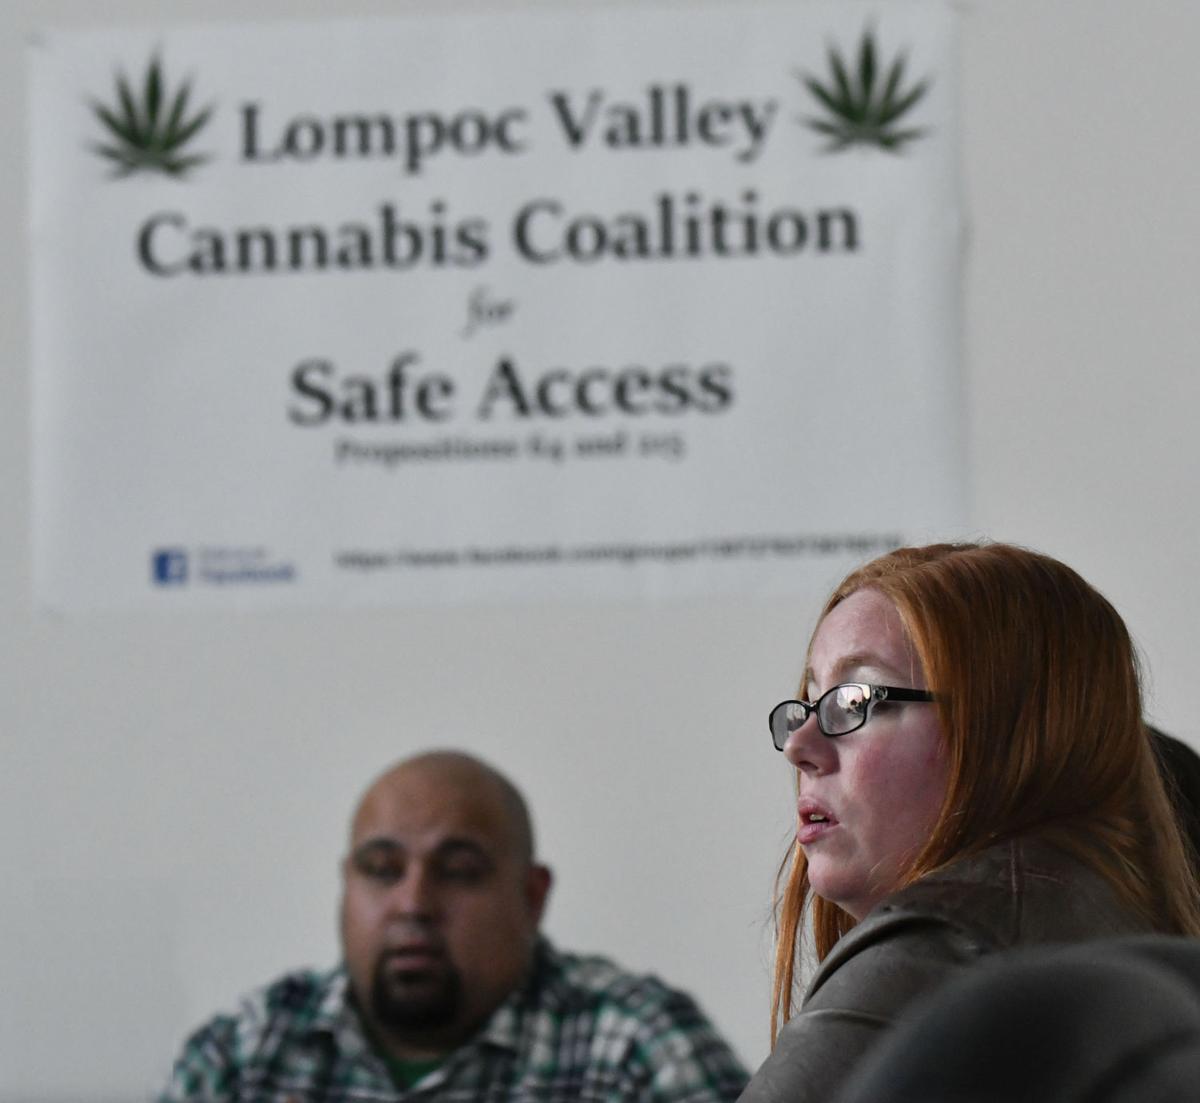 012817 Lompoc marijuana 02.jpg